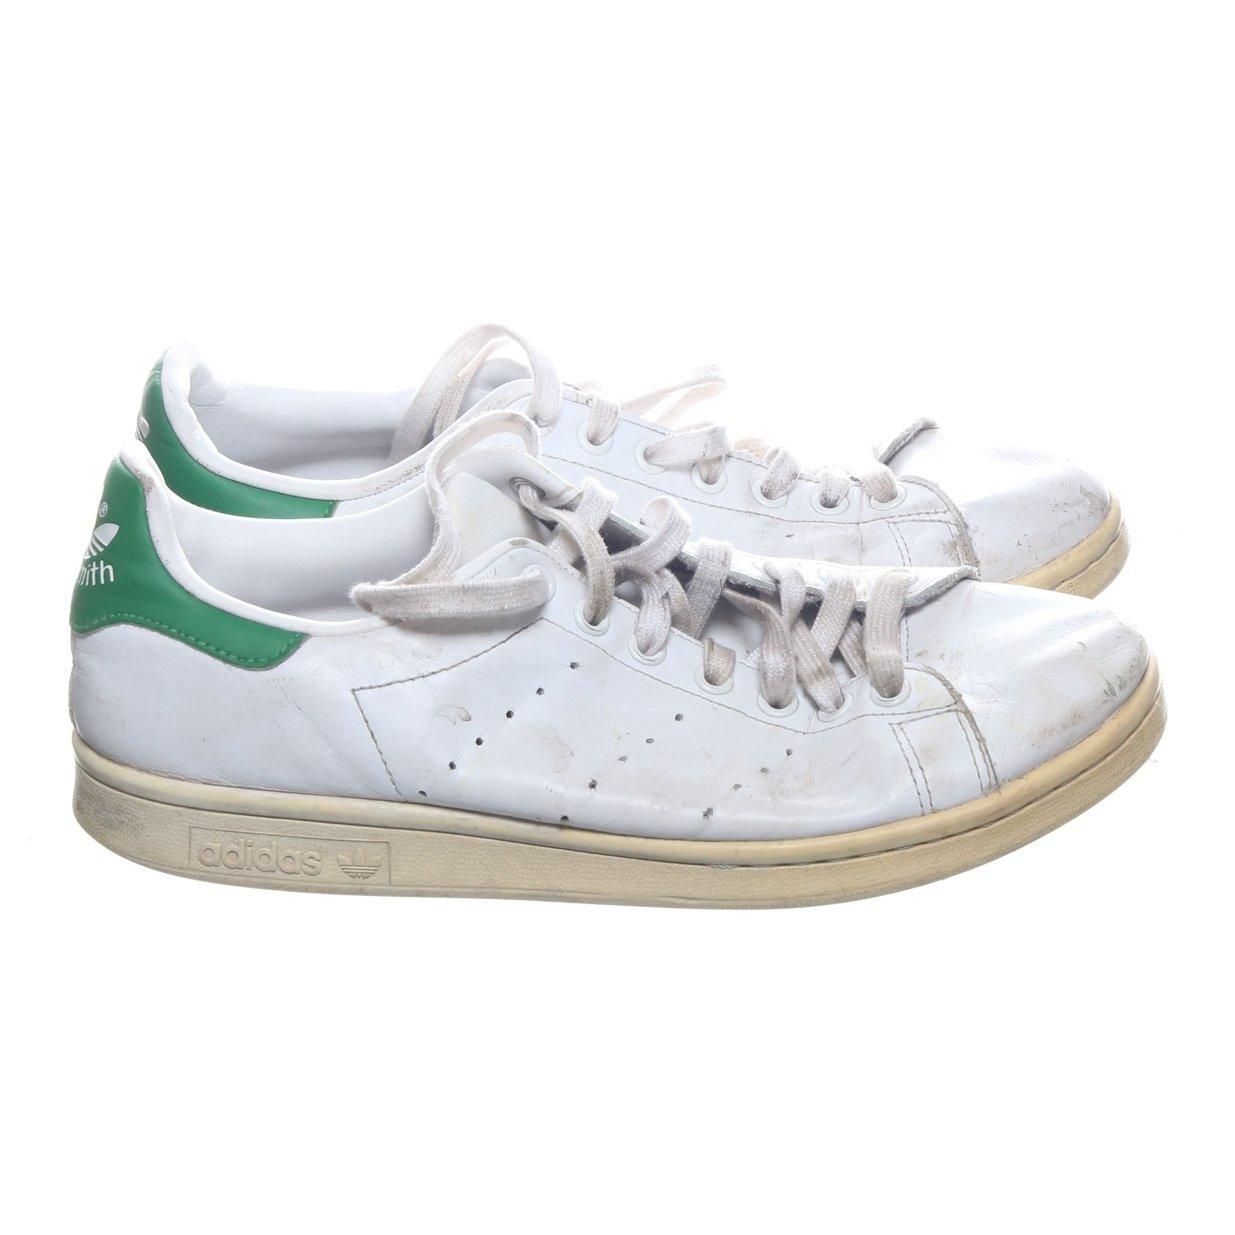 qualità migliore qualità per presa all'ingrosso Adidas, Sneakers, Strl: 42 1/3, Stan Smit.. (386405194) ᐈ Sellpy ...